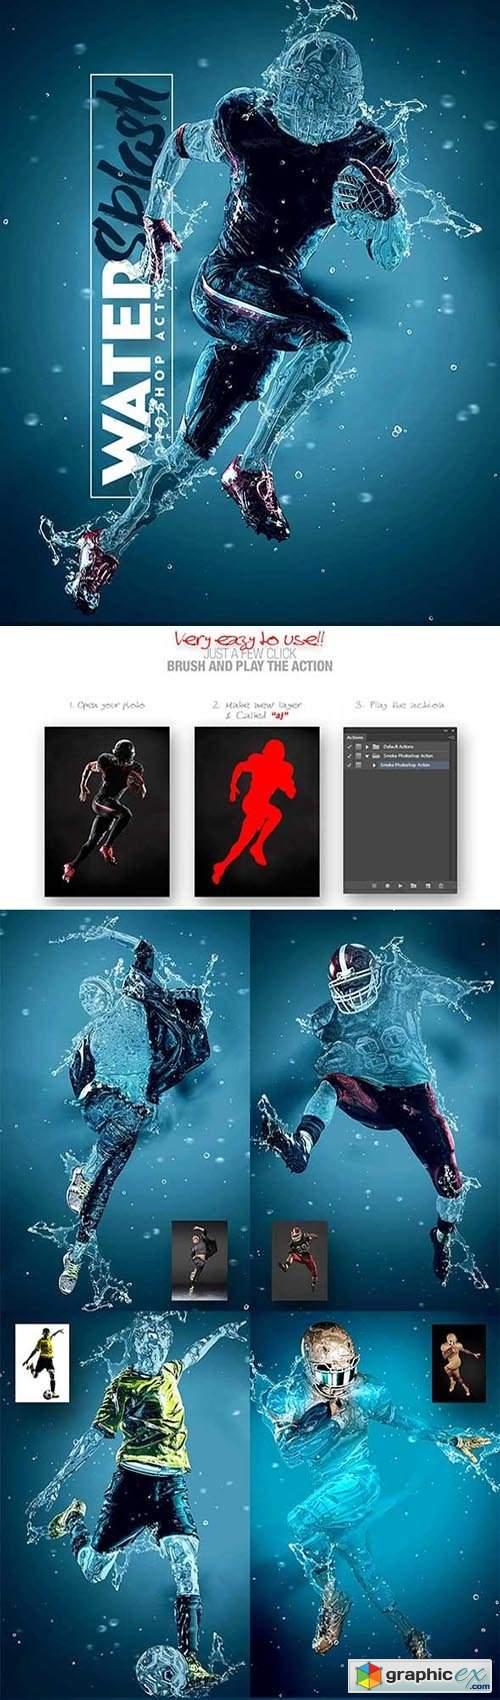 Water Splash Photoshop Action 31781792